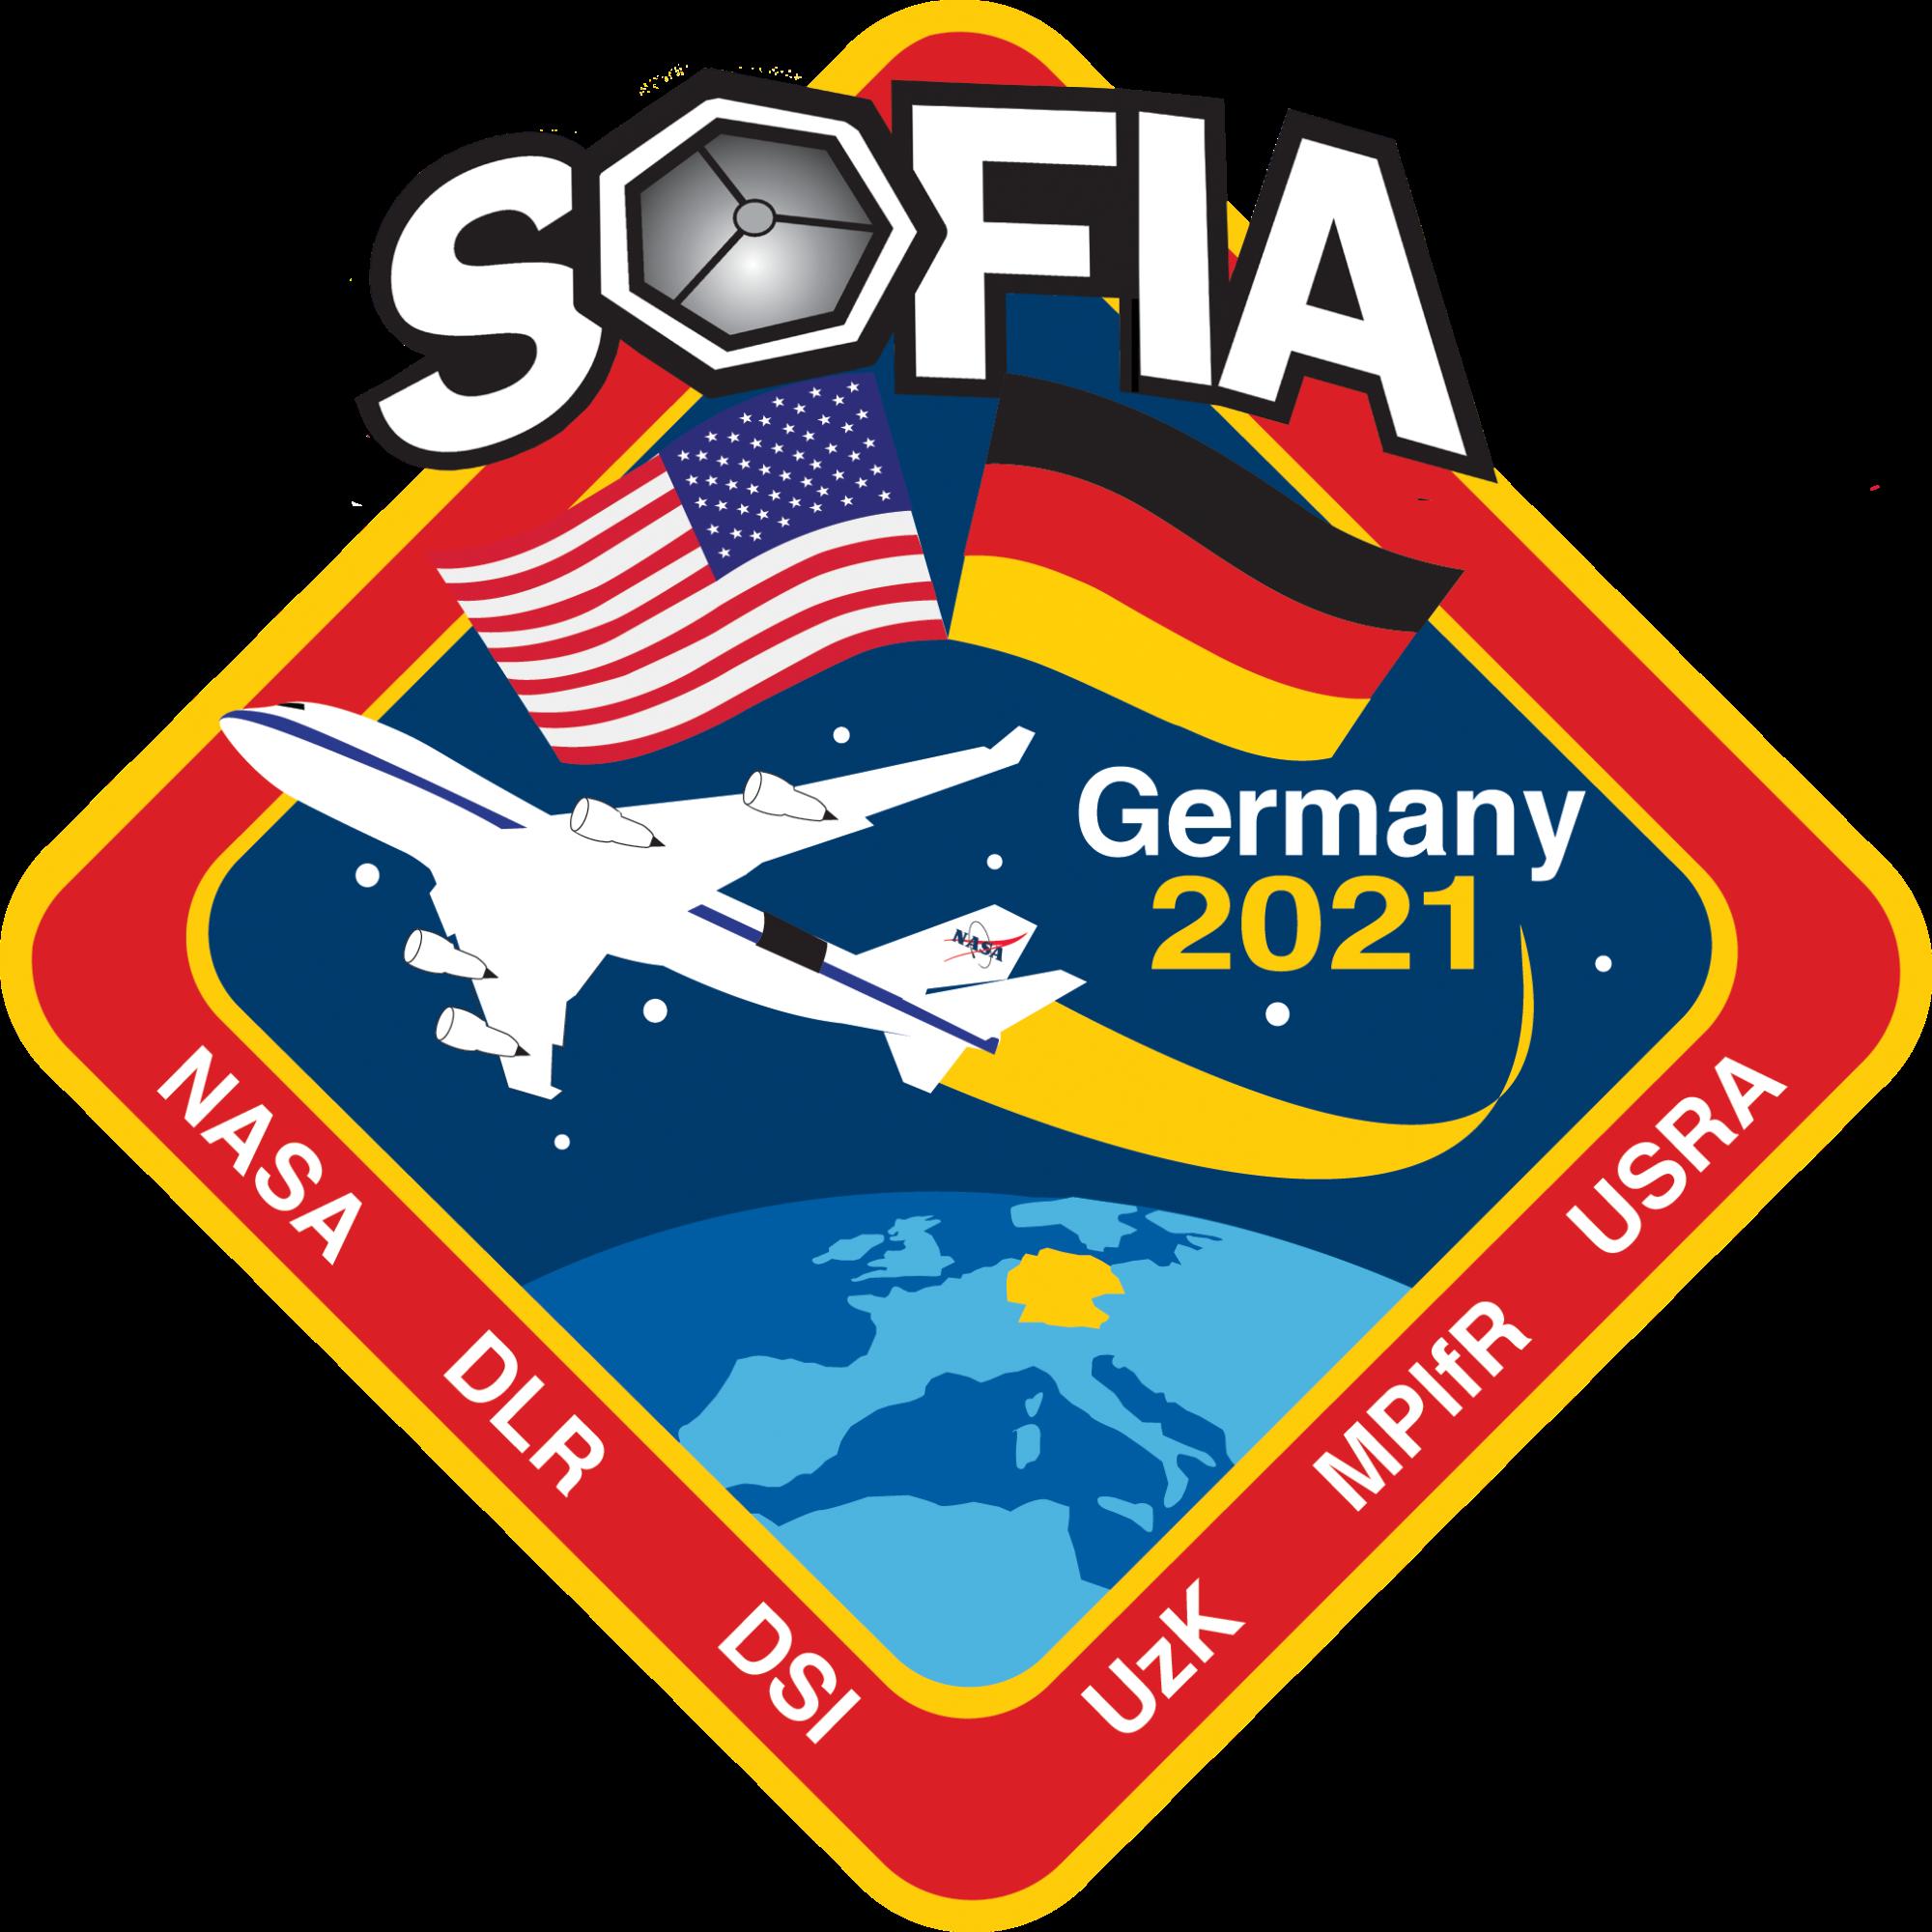 Mission Patch der Wissenschaftskampagne vom Flughafen Bonn Köln